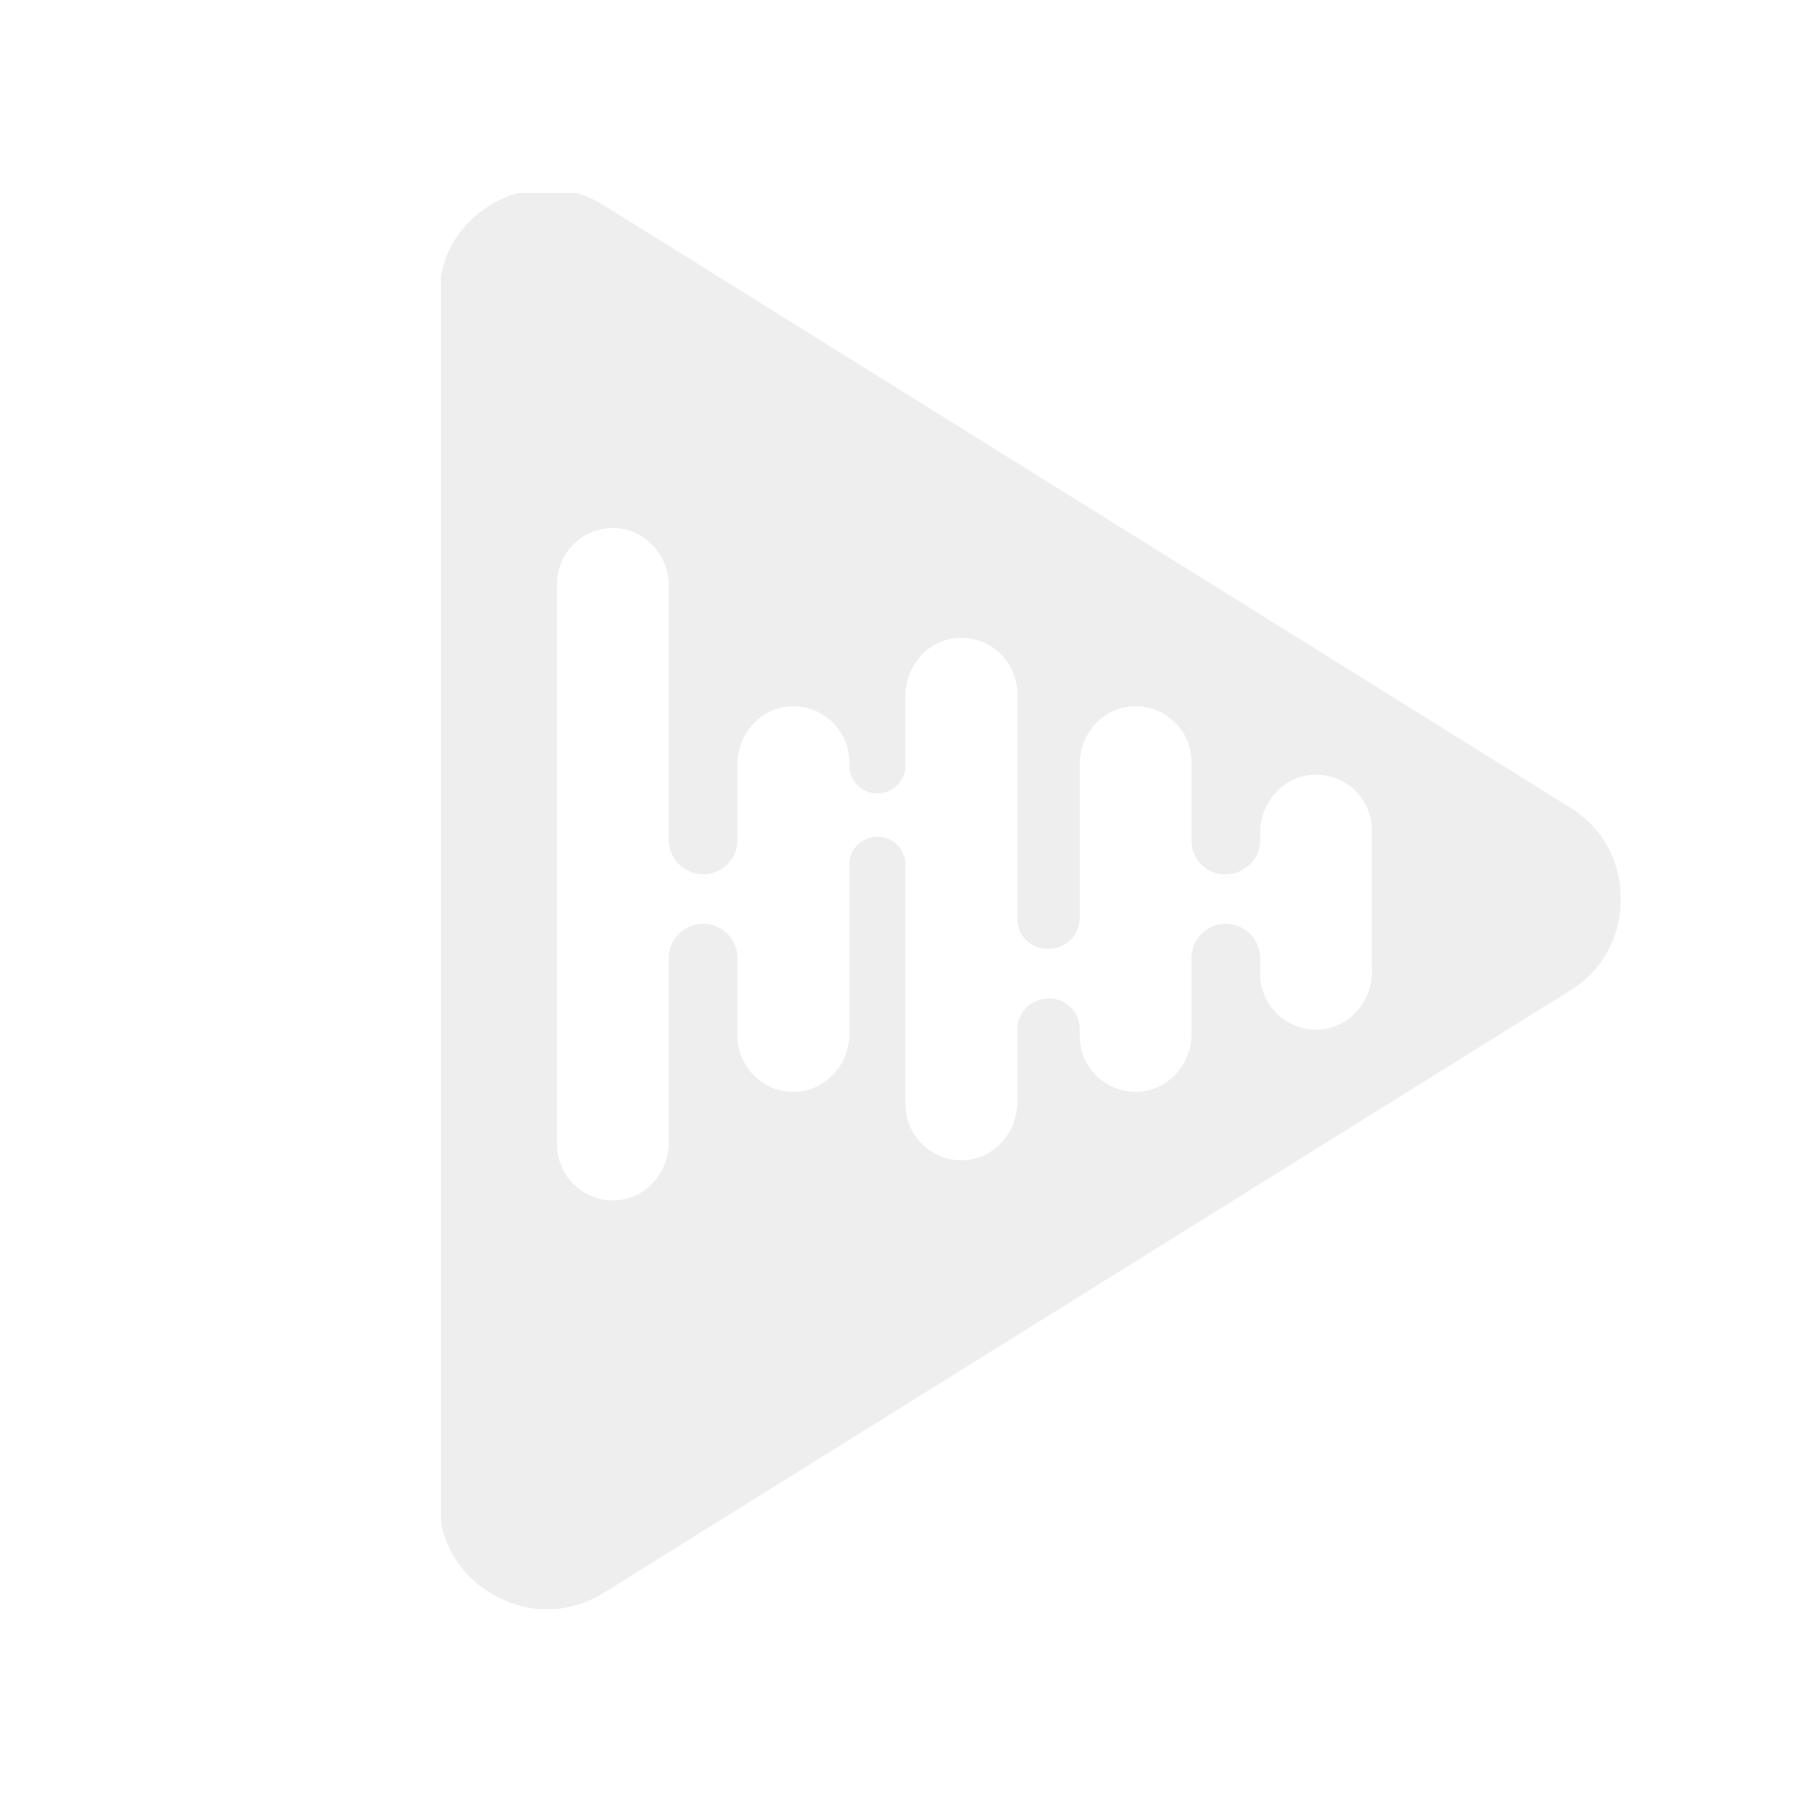 Grandview 148816 - Motor lerret Cyber, 120